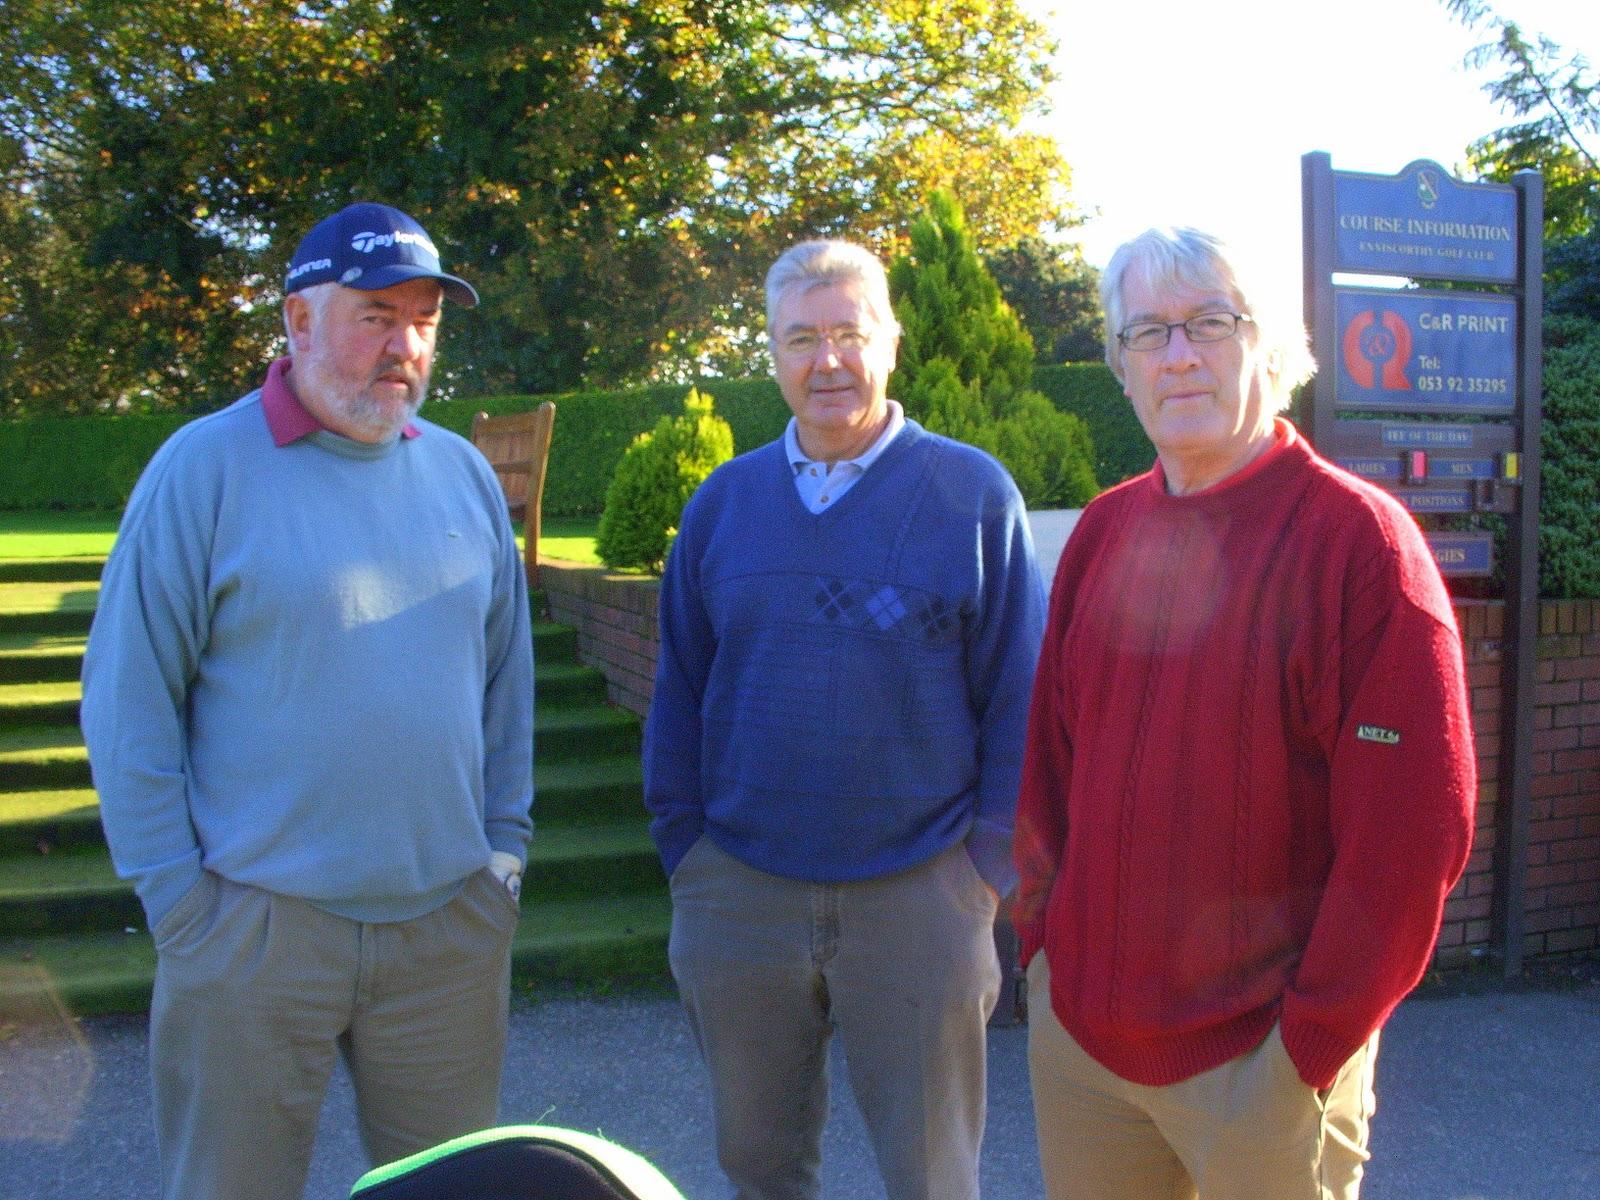 Ger Turner, John R Jordan and